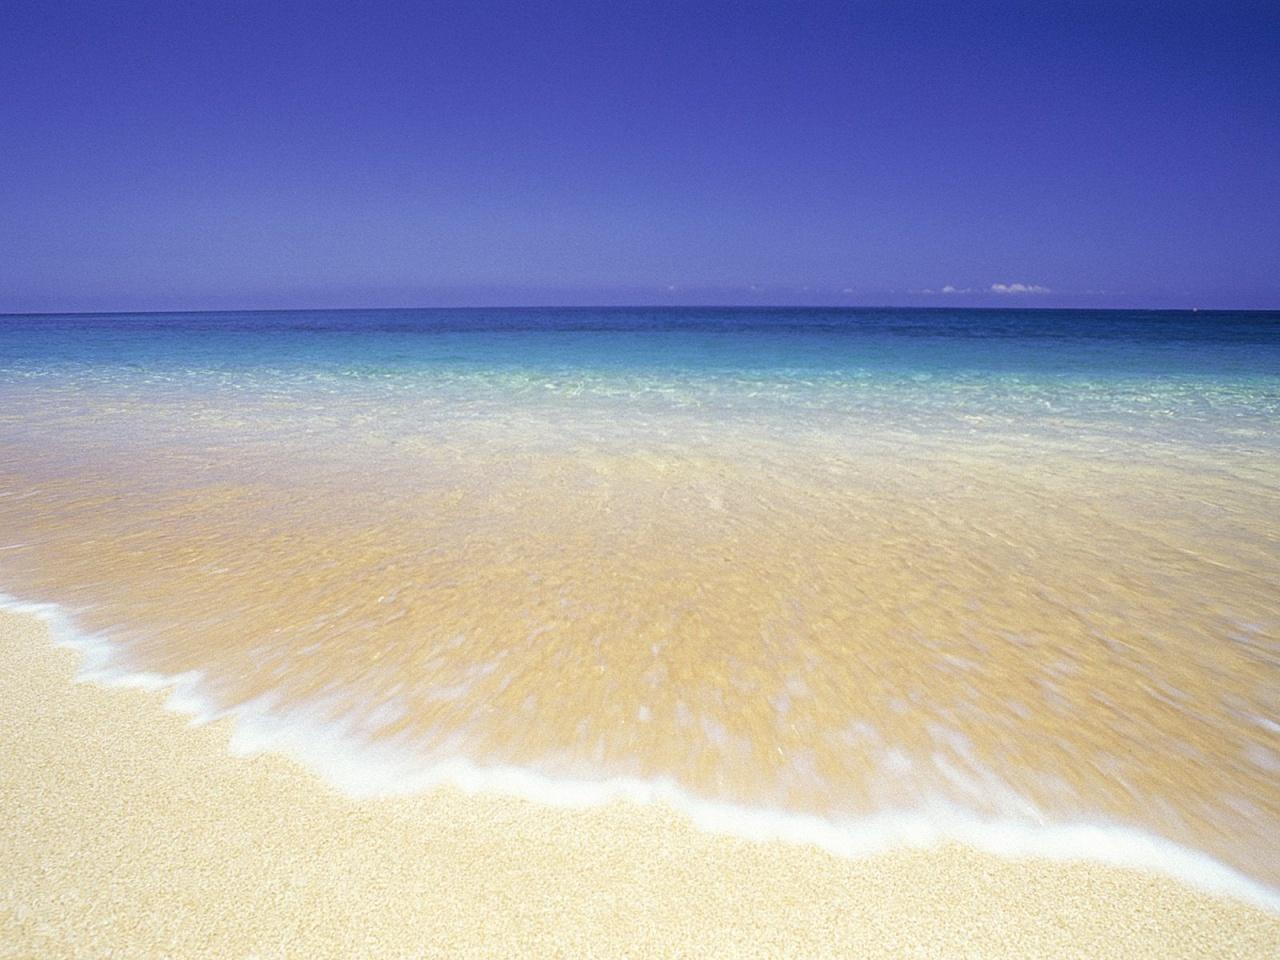 http://2.bp.blogspot.com/_uTGKd6u5pJ4/TSKCmB0tGKI/AAAAAAAAATA/v7Hm2TLqYDU/s1600/North-shore-beach-oahu-hawaii-nature-wallpaper-1280x960.jpg